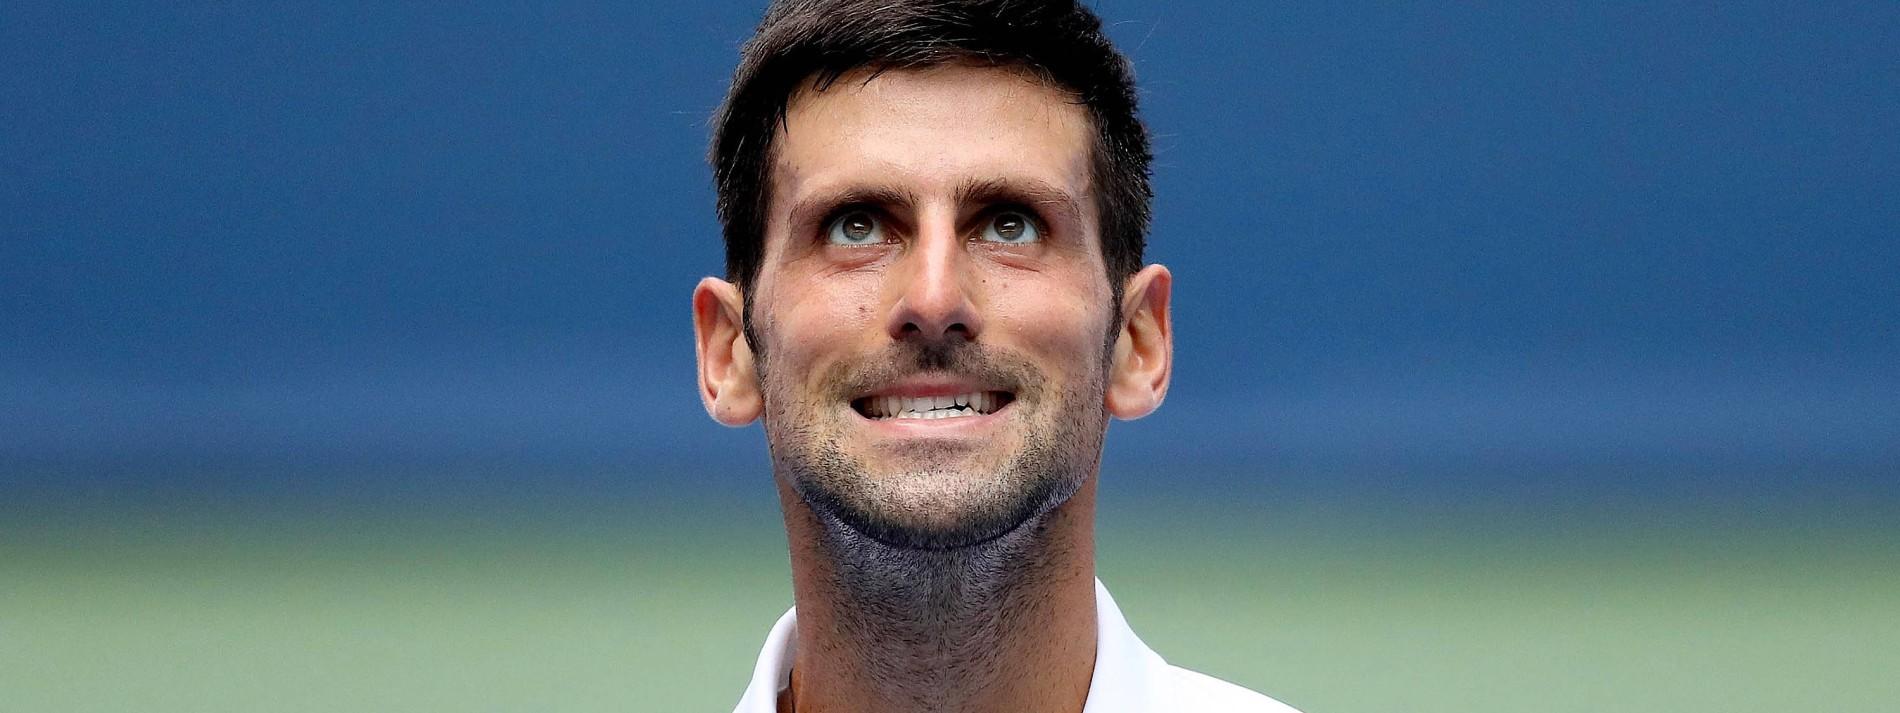 Djokovics neue Spielergewerkschaft spaltet die Tennis-Branche